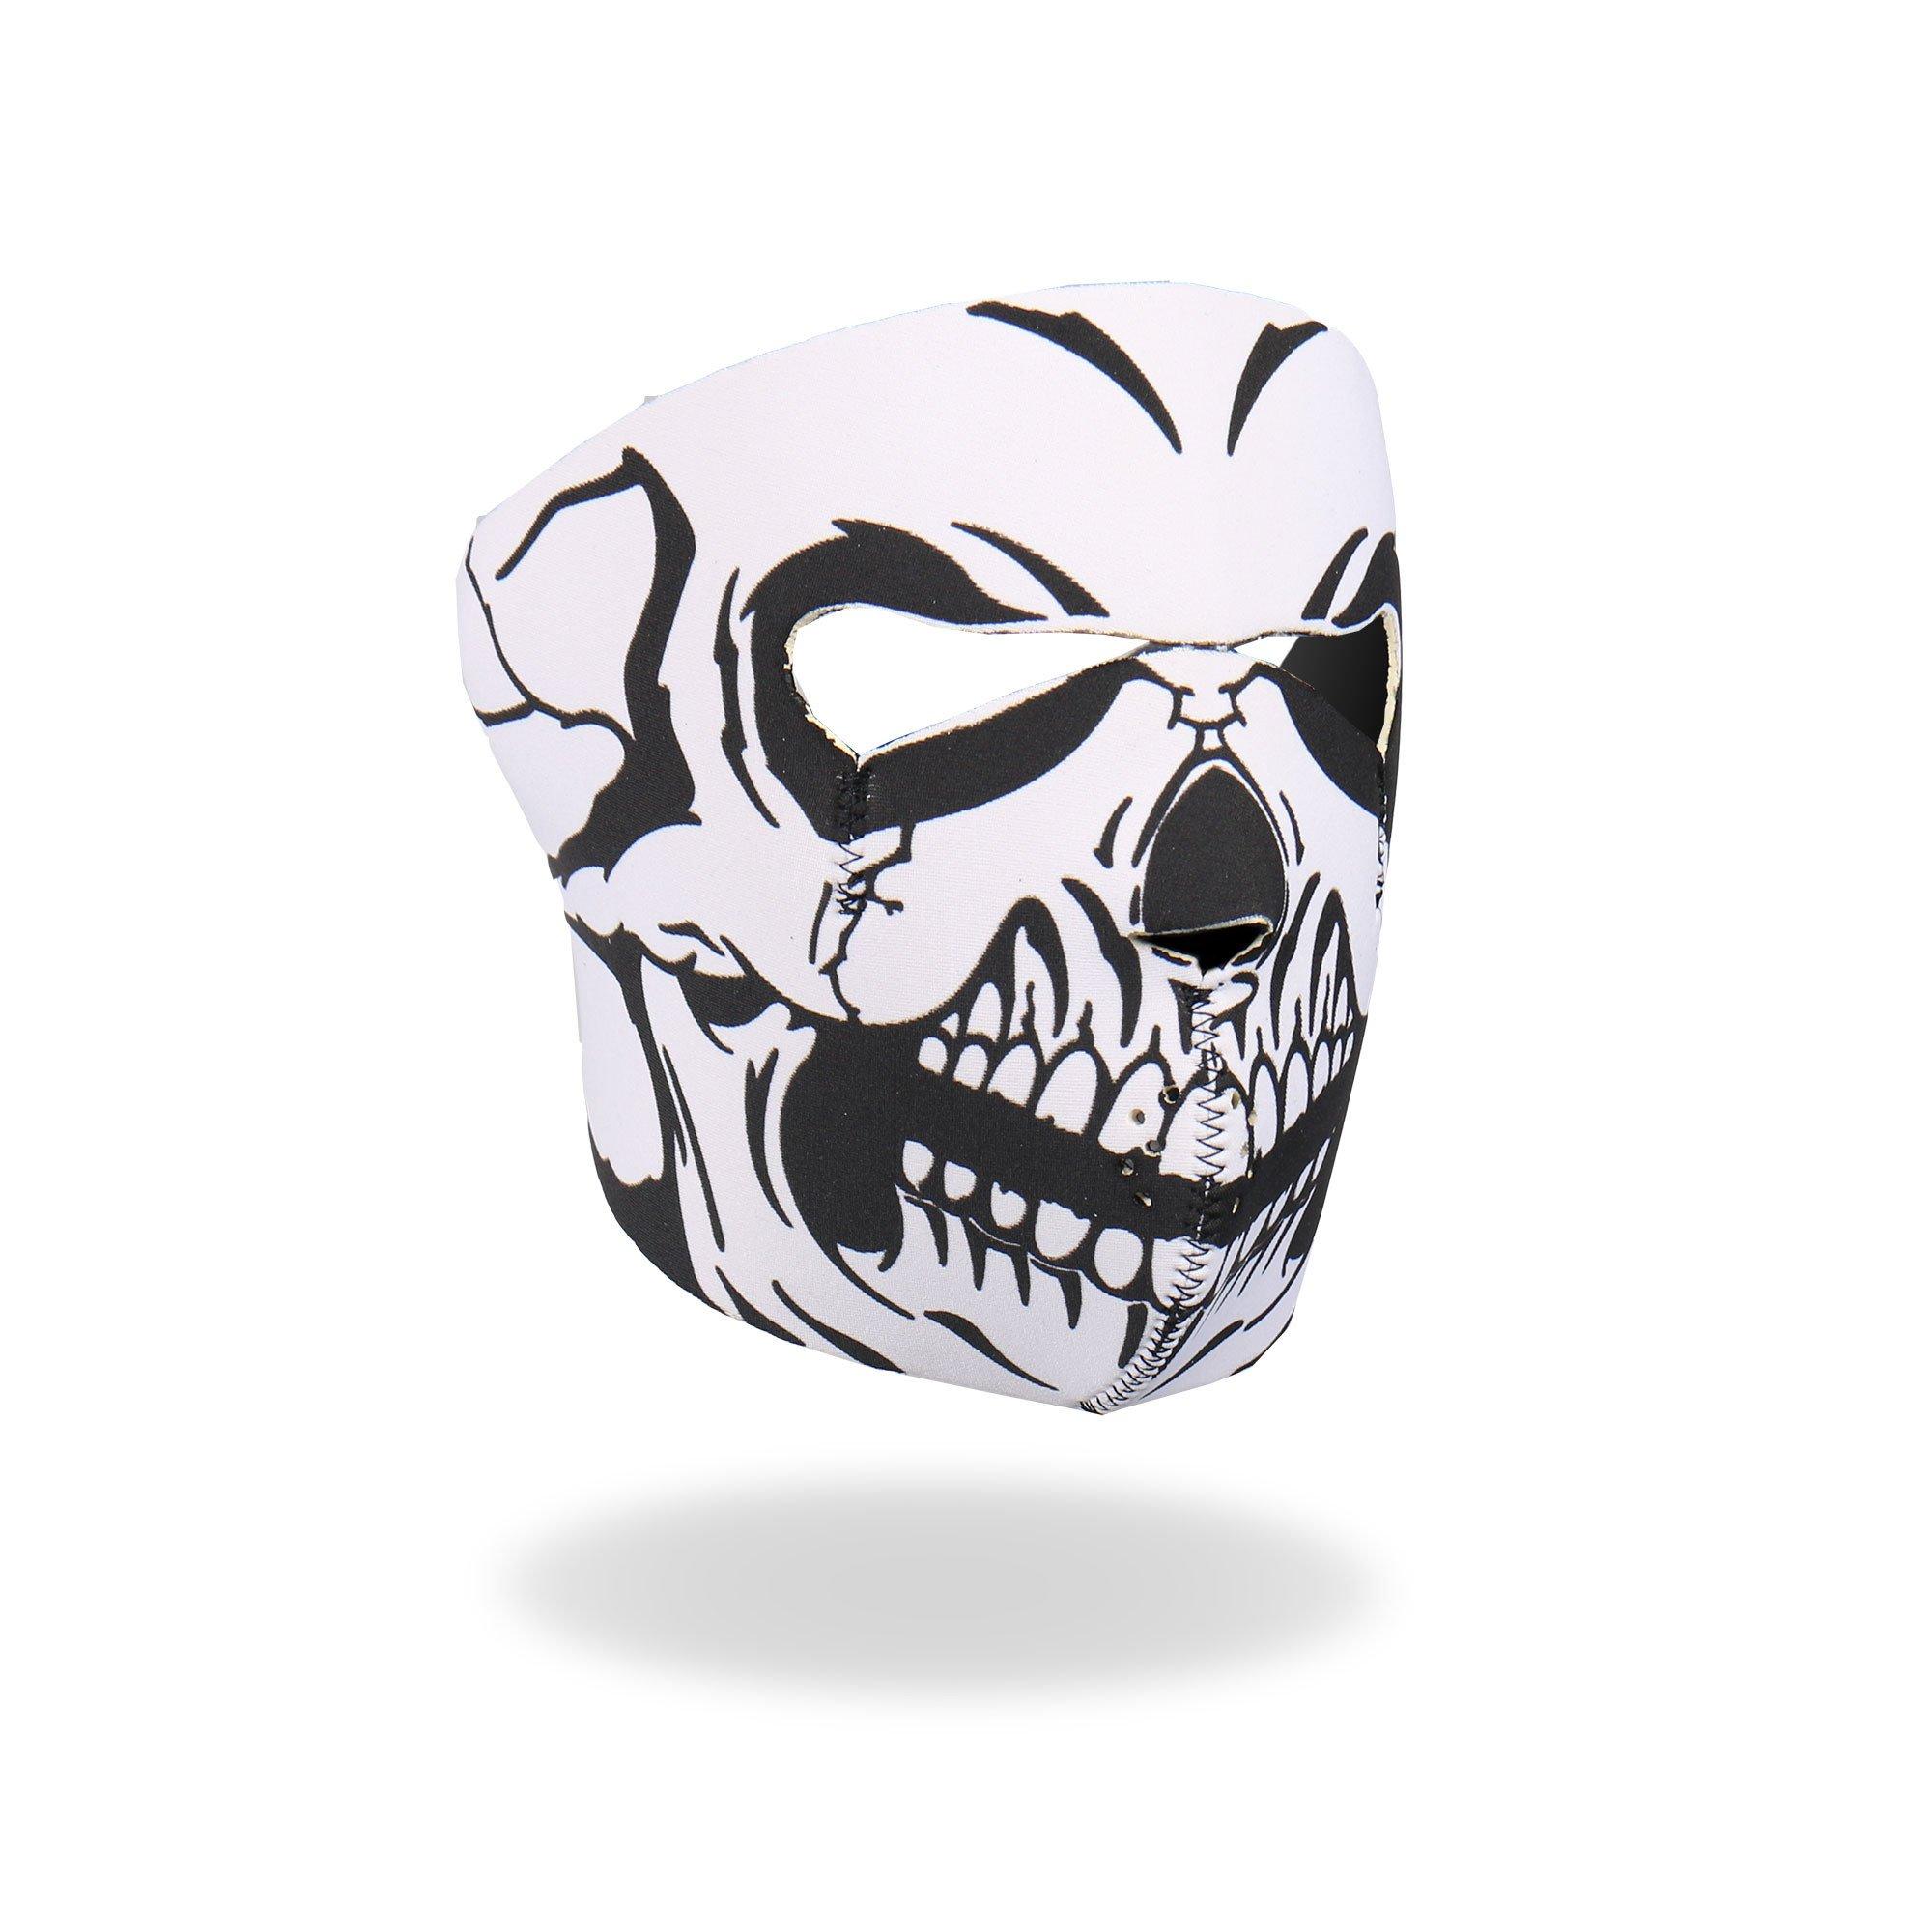 Hot Leathers Skull Neoprene Face Mask (Black/White)